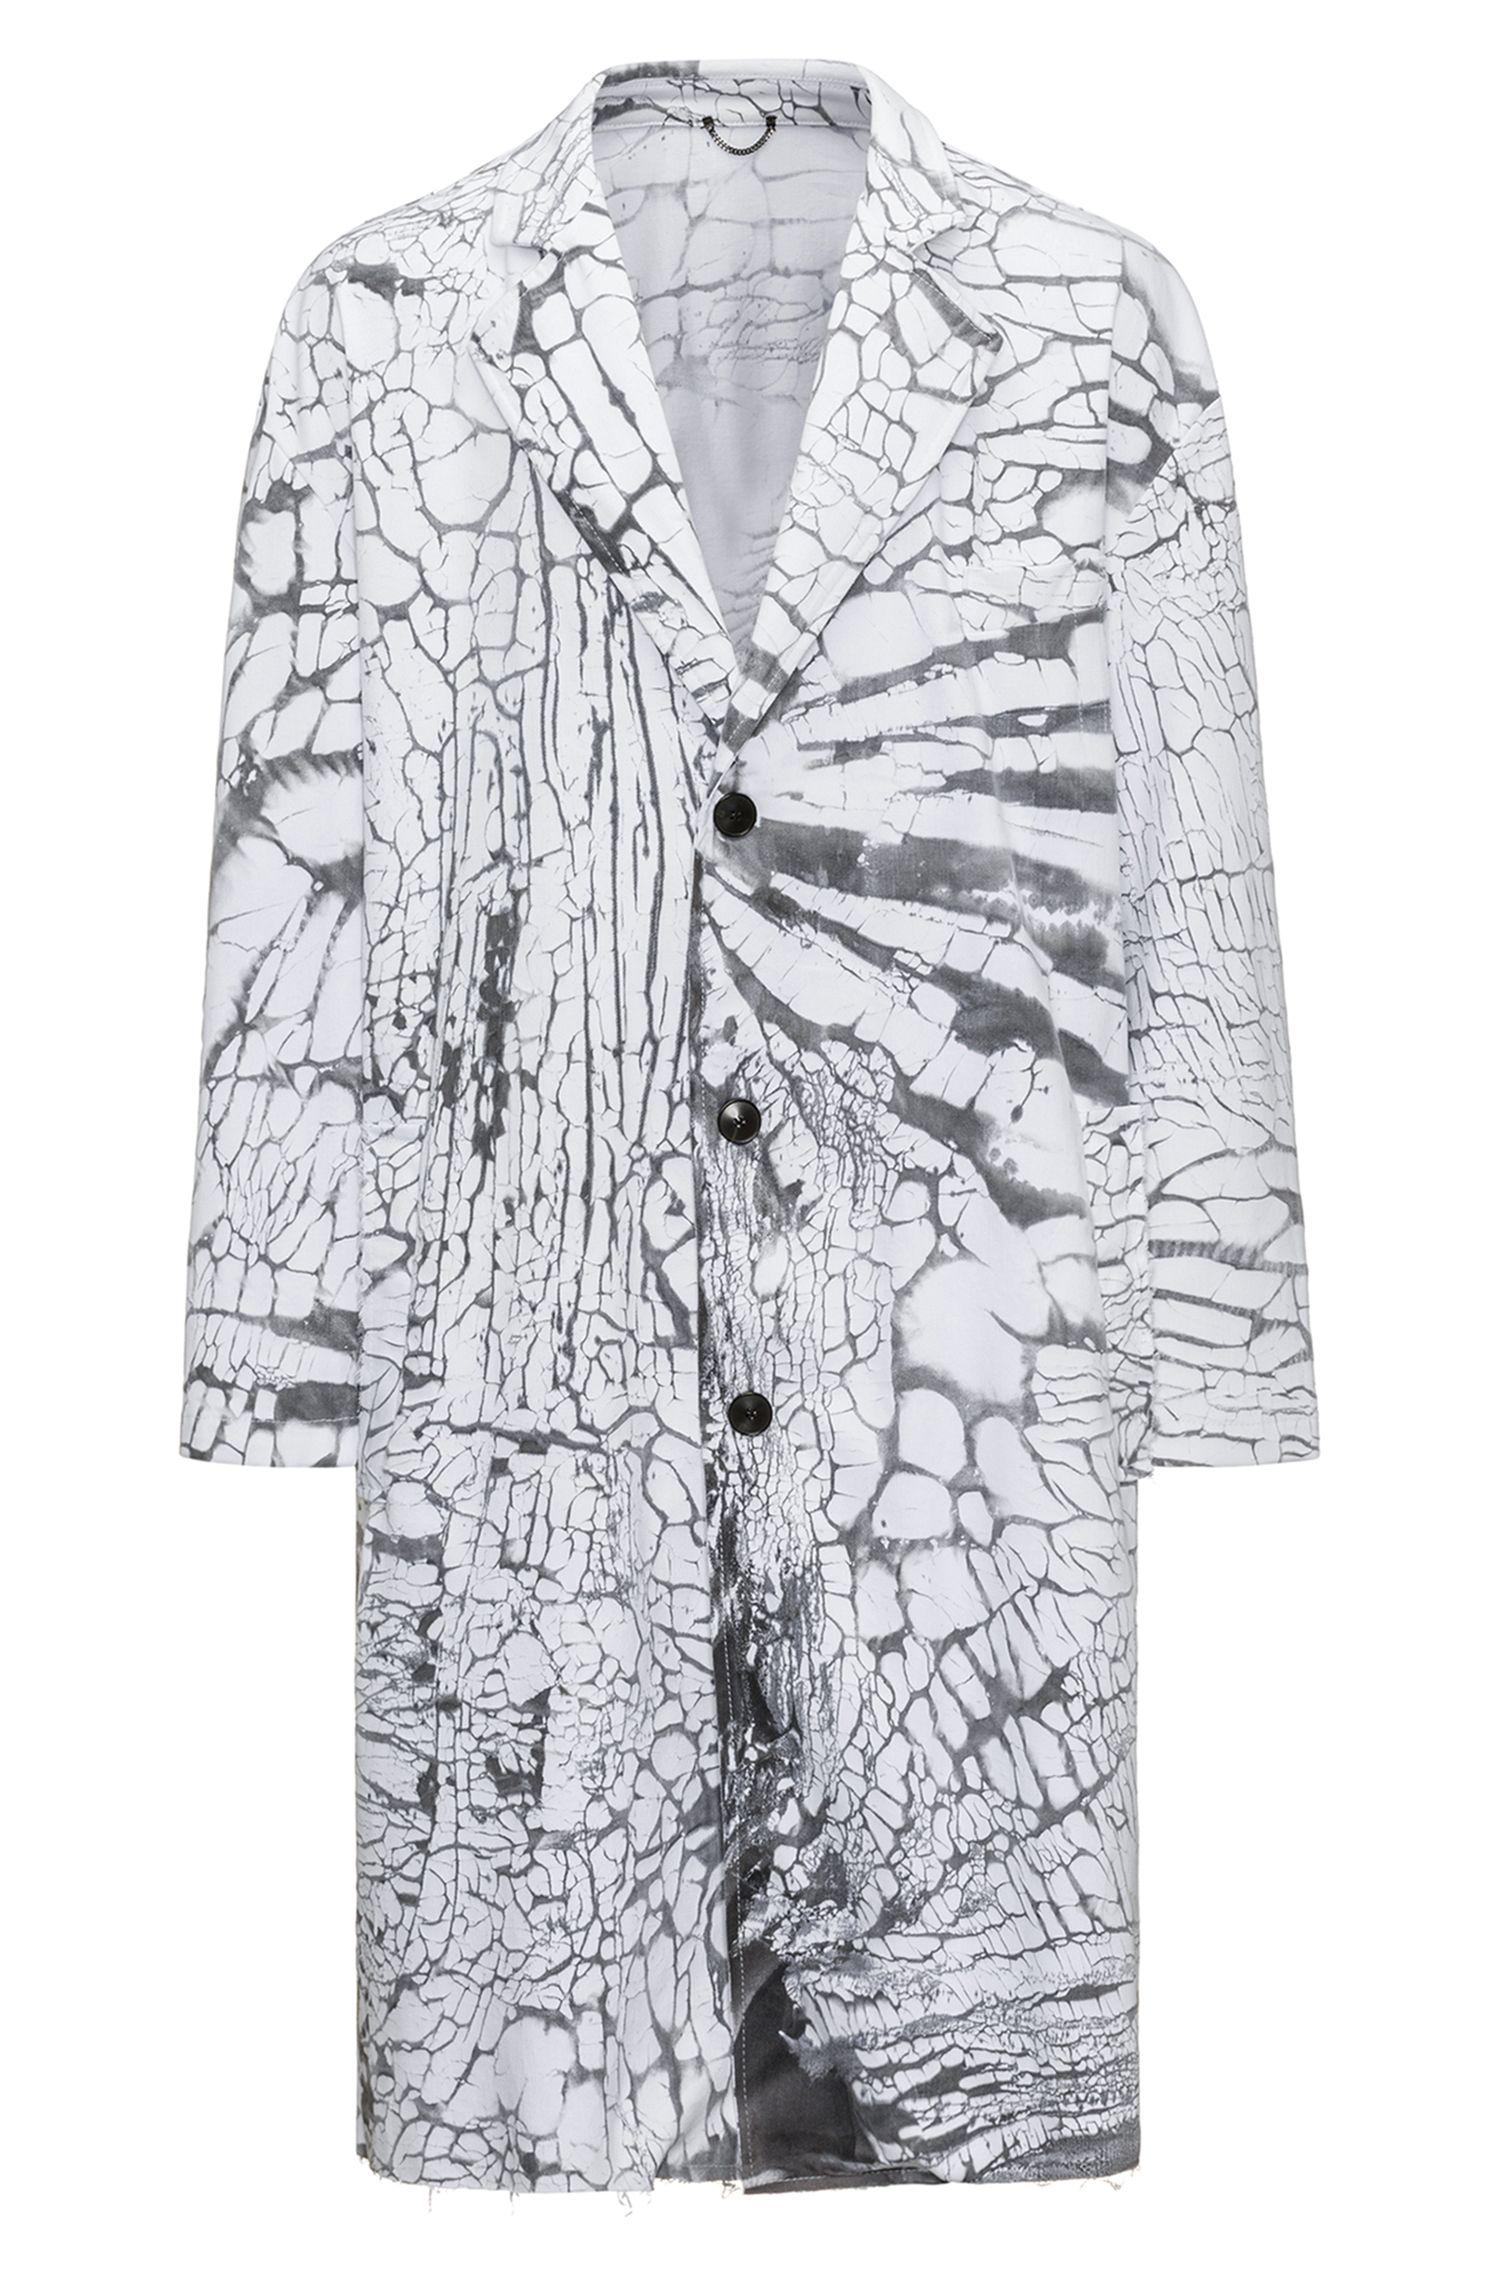 Mantel aus Stretch-Baumwolle mit Krakelier-Effekt